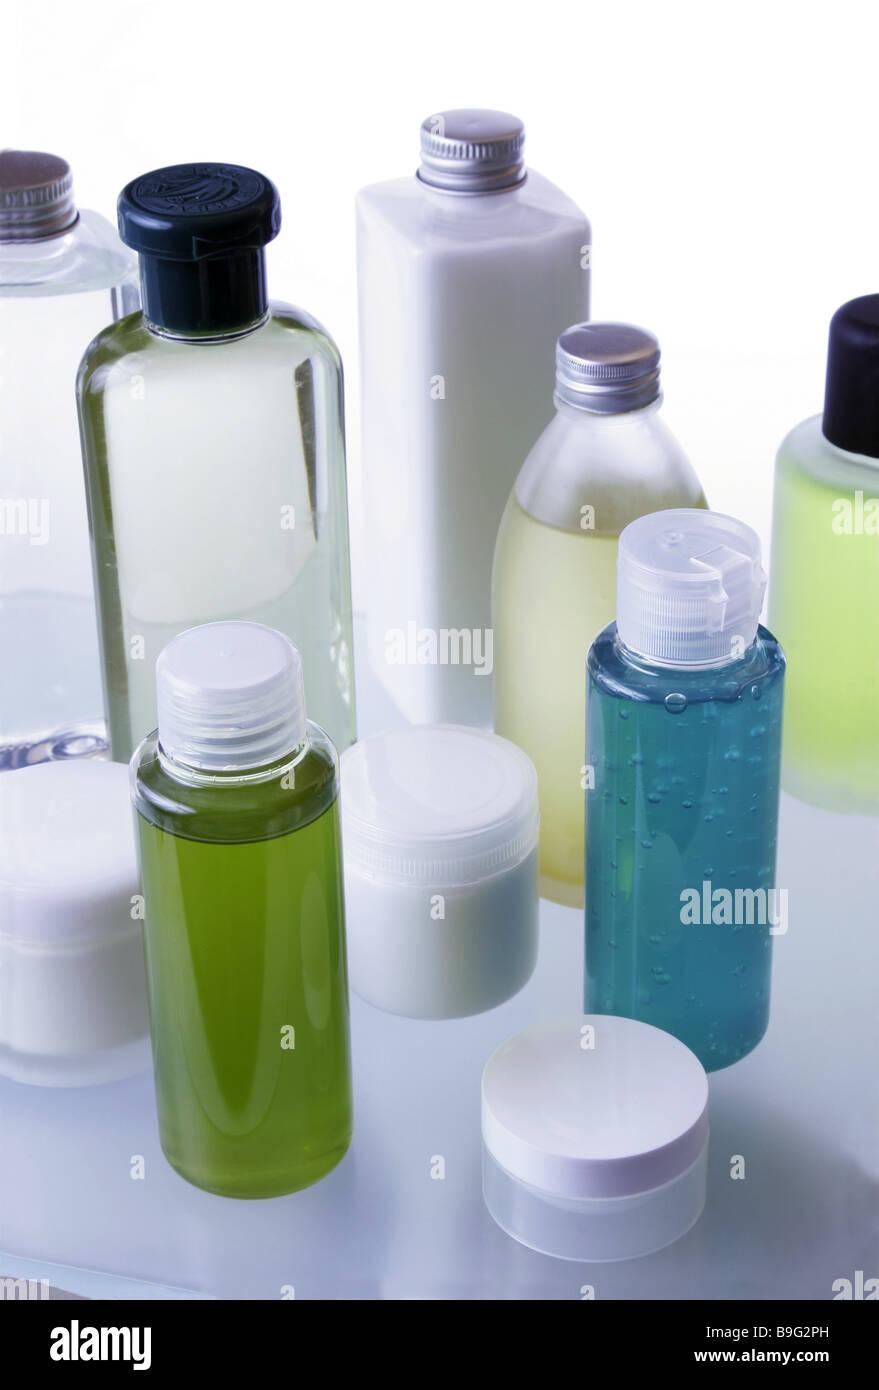 Badezimmer Lagerung Platz Kosmetik-Artikel verschiedene Serien Bad ...